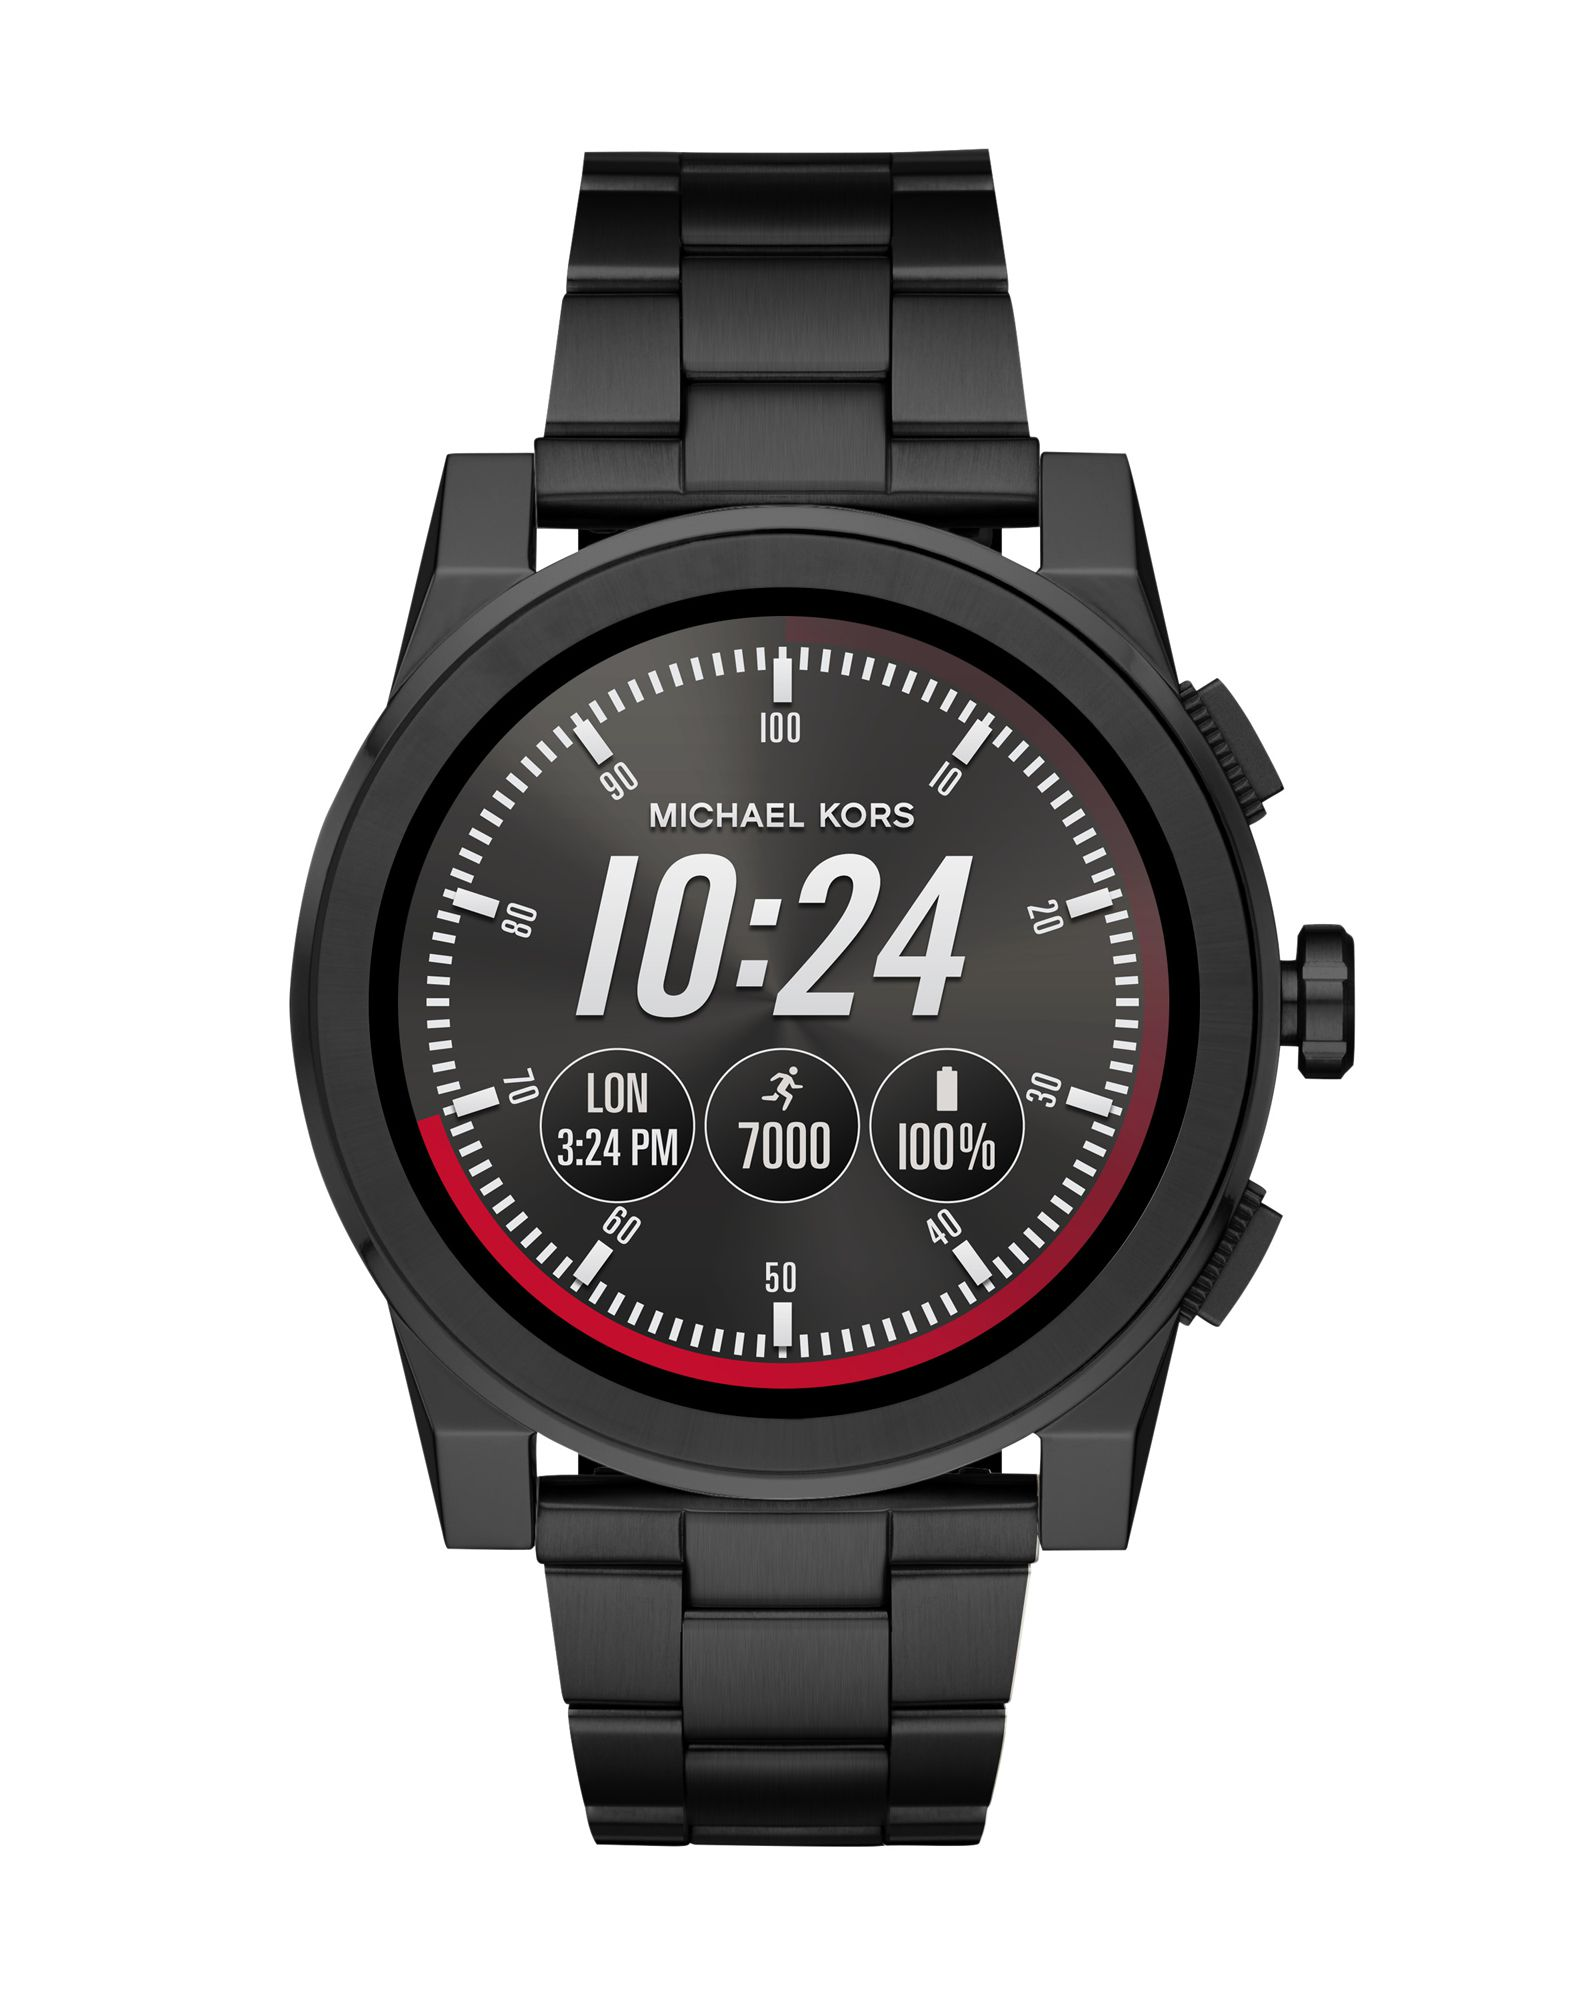 MICHAEL KORS ACCESS Herren Smartwatch Farbe Schwarz Größe 1 - broschei